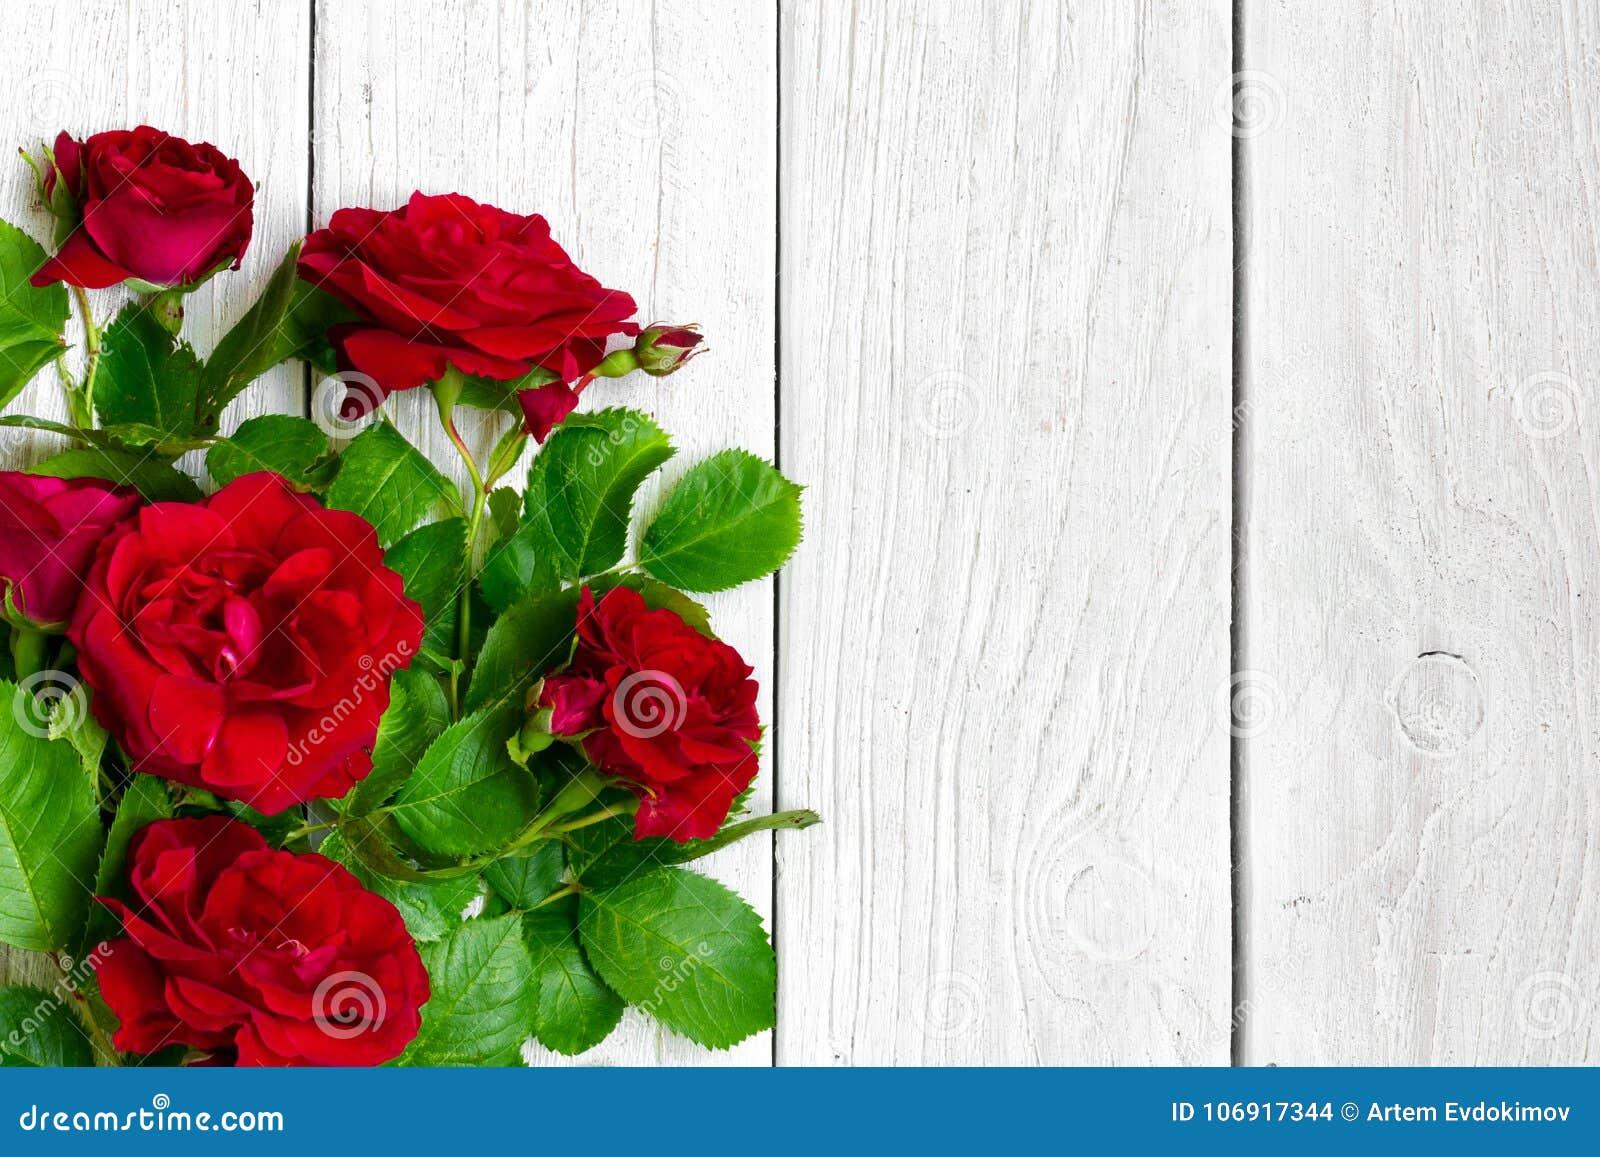 Czerwonych róż bukiet nad białym drewnianym stołem valentines dnia lub kobieta dnia tło